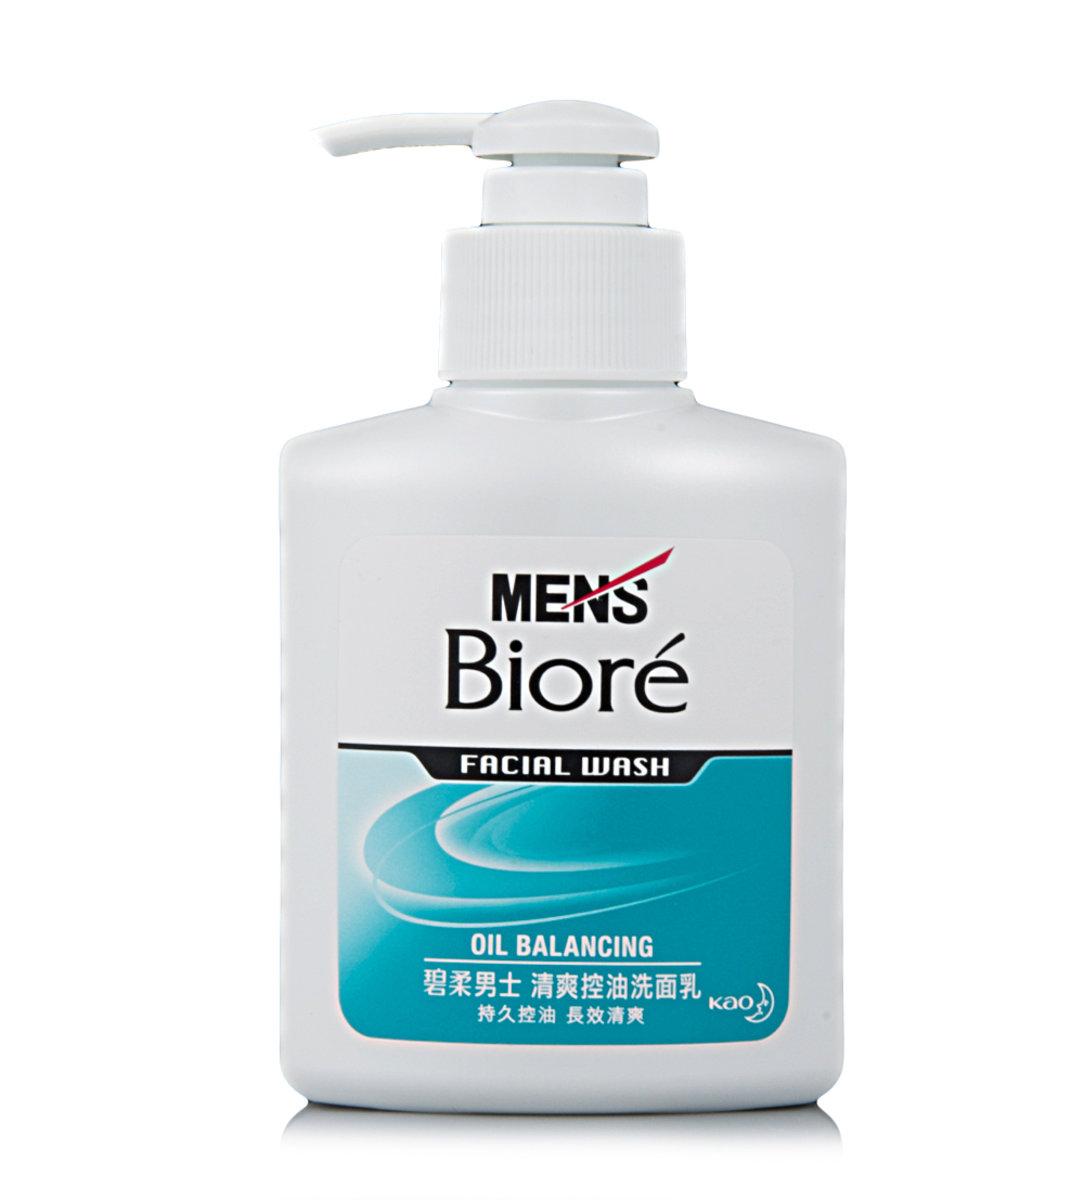 男士清爽控油洗面乳 (100毫升)